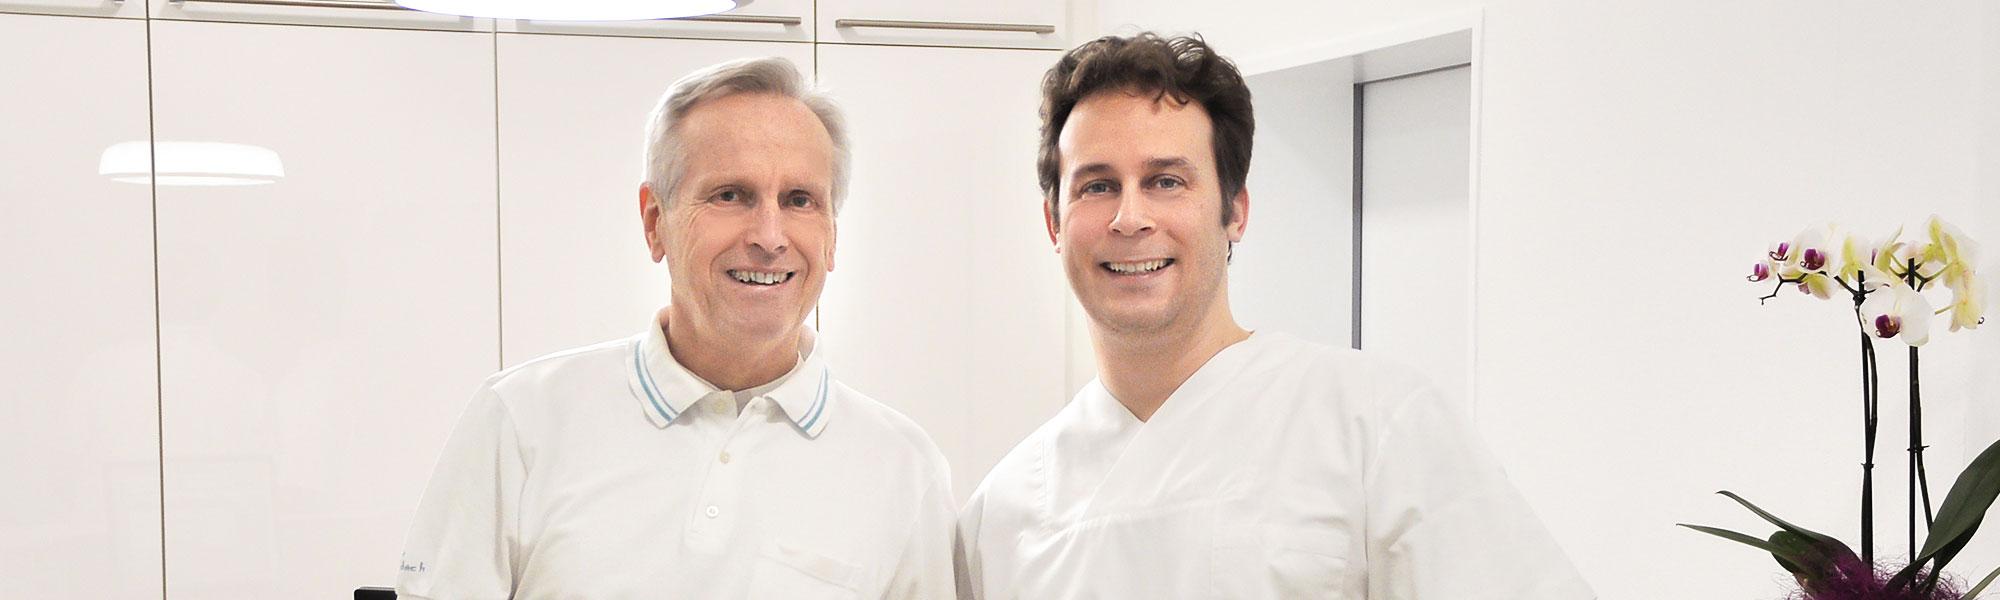 Dr. med. dent. Heinz Gallenbach und sein Sohn Dr. Sven Gallenbach, Zahnarzt in Eberbach.